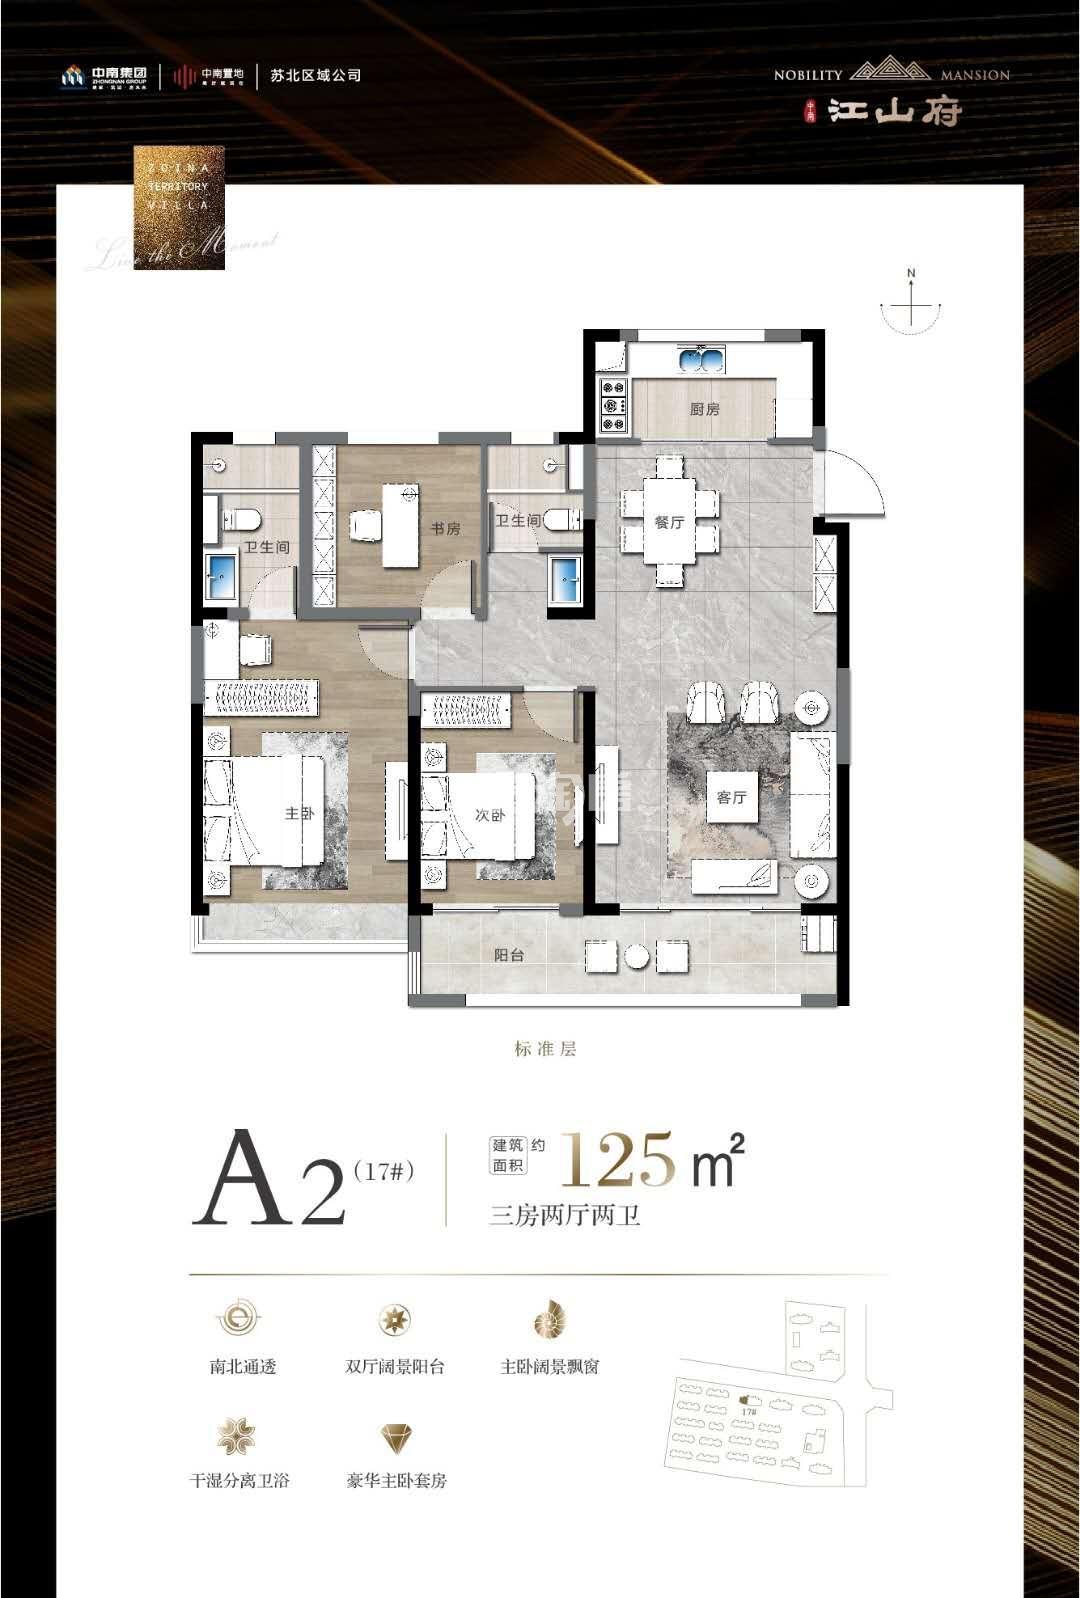 中南江山府 A2(17#)户型 三室两厅两卫 125㎡